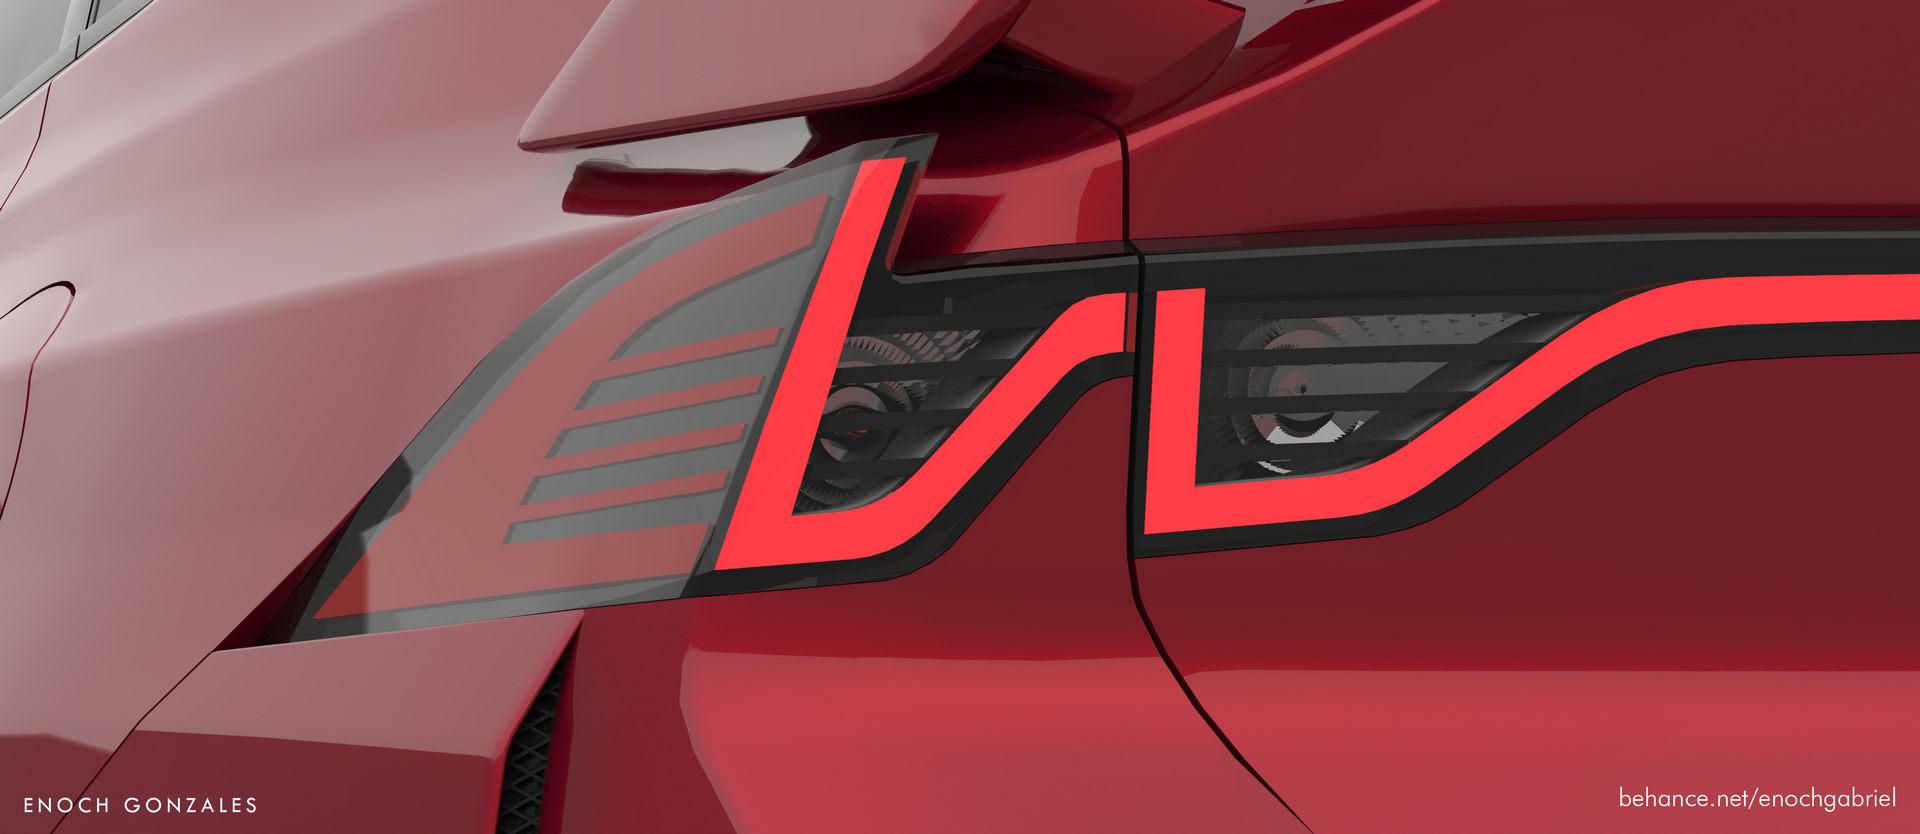 Mitsubishi-Lancer-Evo-XII-renderings-58